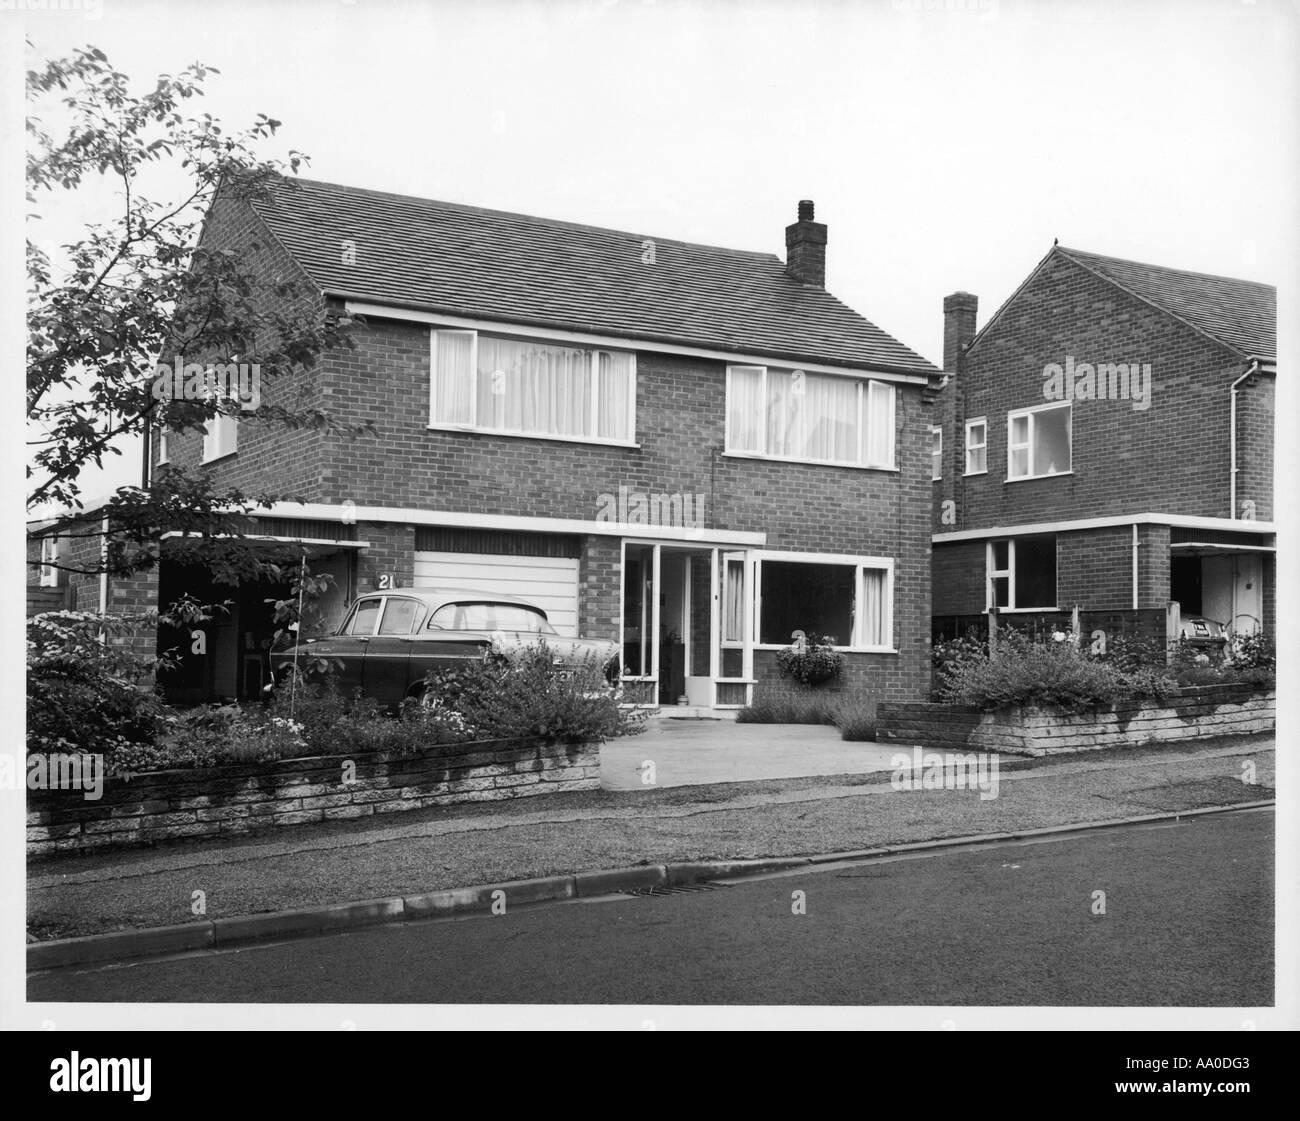 Modernes Haus Der 1960er Jahre